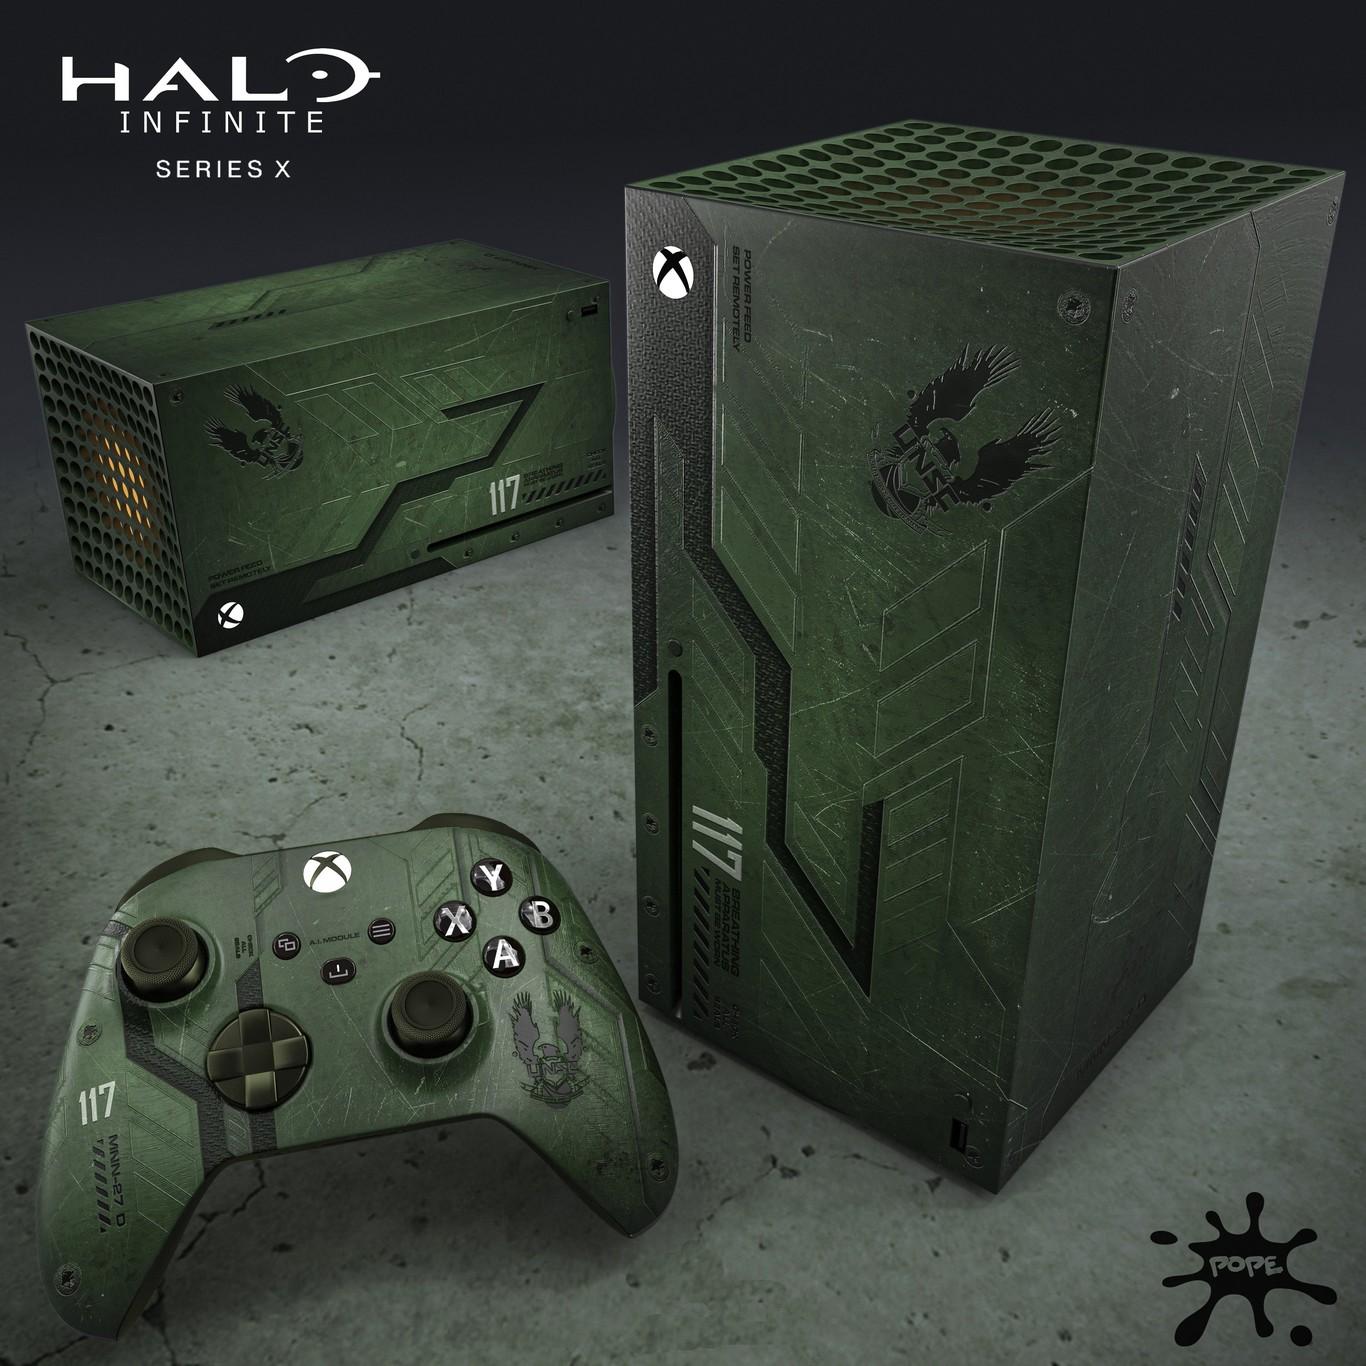 Phil Spencer Defiende El Diseno De La Xbox Series X Prima El Rendimiento Y La Capacidad Para Ofrecer Ediciones Especiales